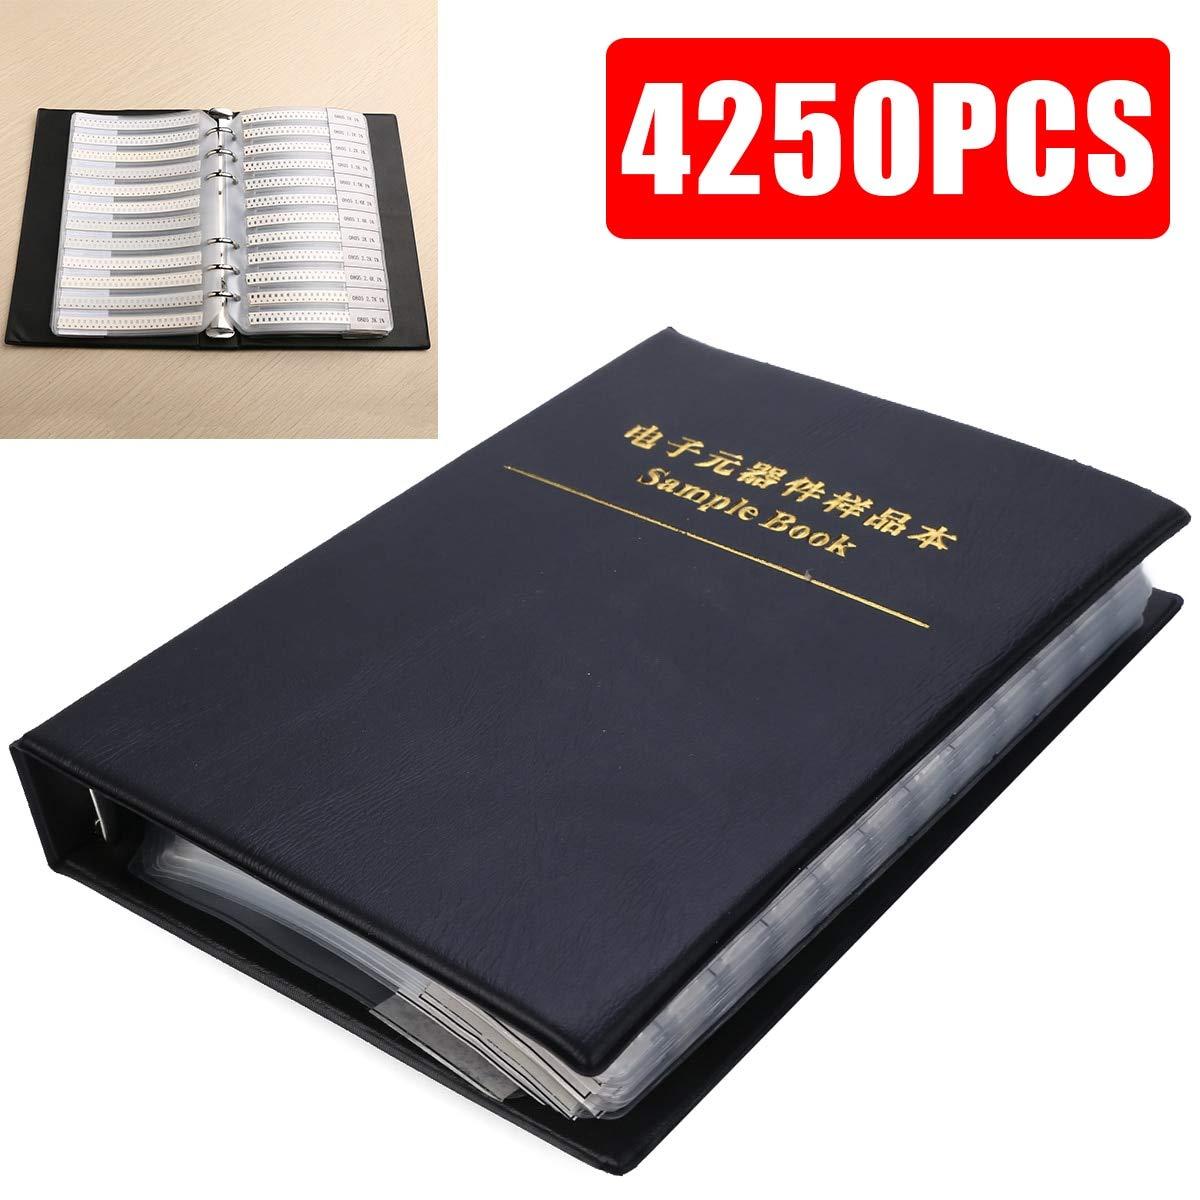 Maslin 0805 1% SMD Resistor Sample Book 170valuesx25pcs 4250pcs Resistor Kit 0ohm-10M